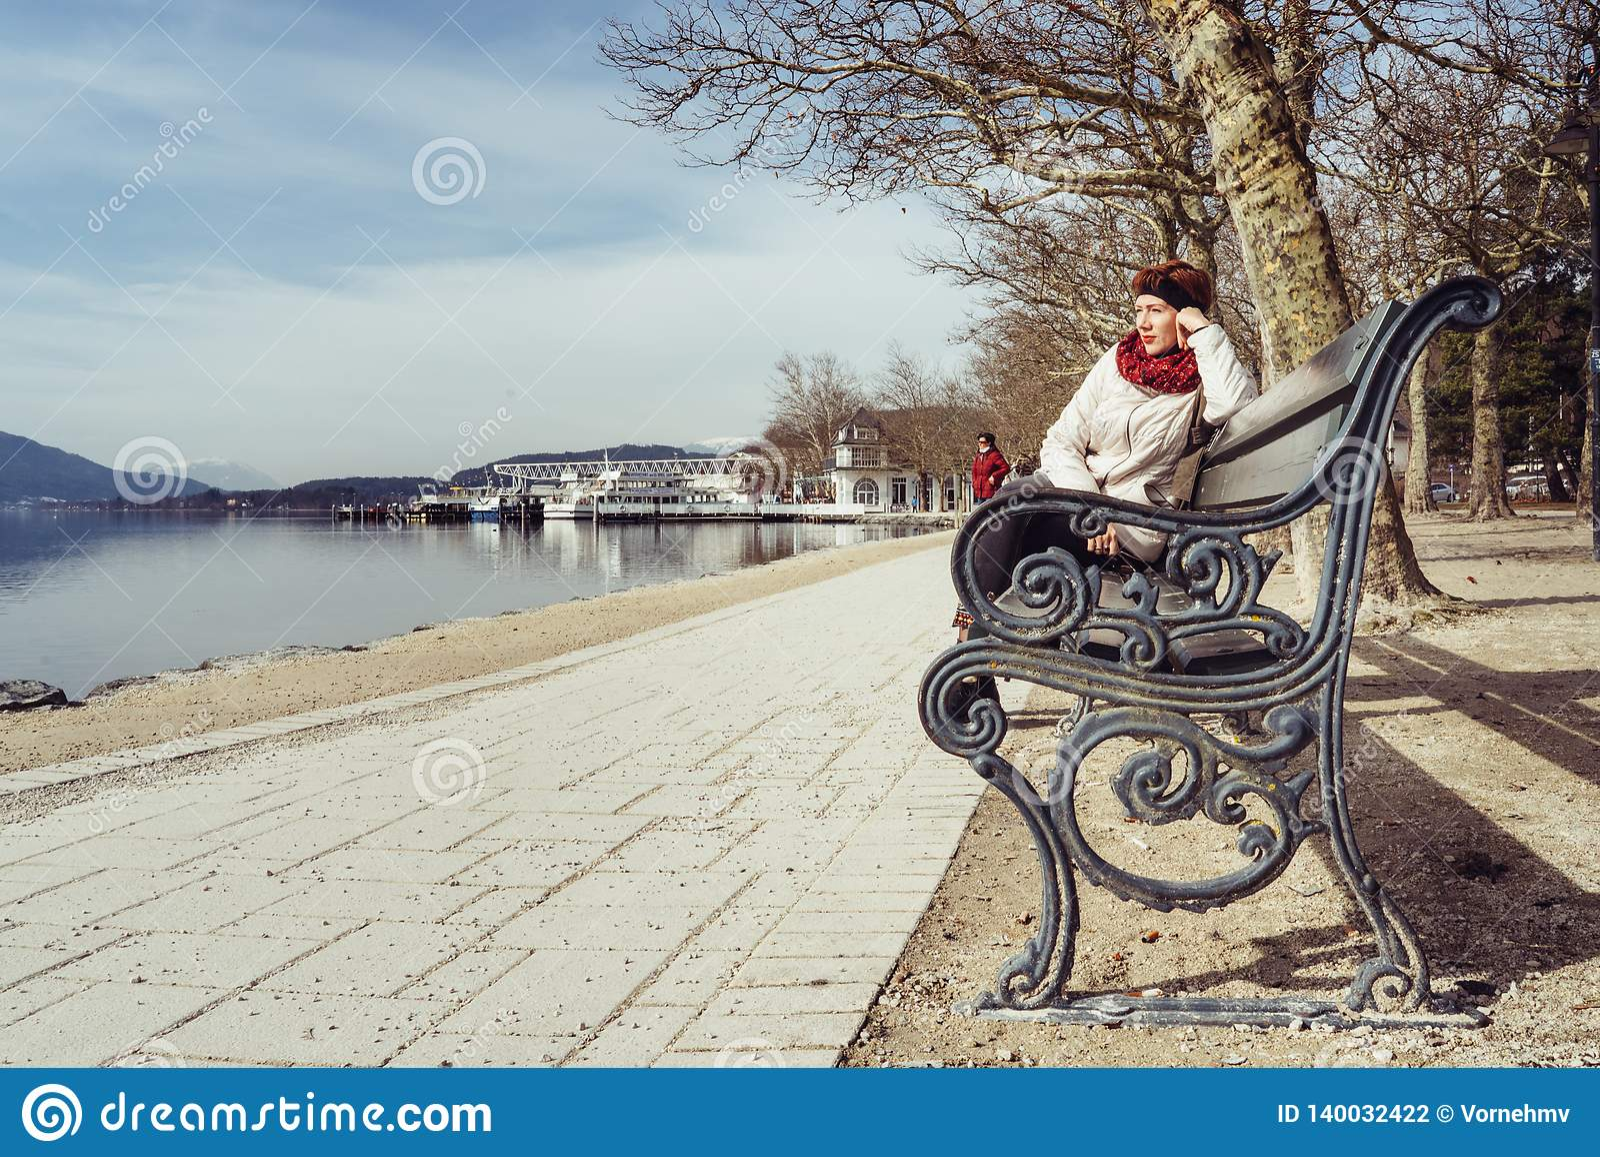 Friedelstrand, Südufer Wörthersee, Klagenfurt, Kärnten, Österreich - 20. Februar 2019: Eine Frau, die auf einer Parkbank auf sit